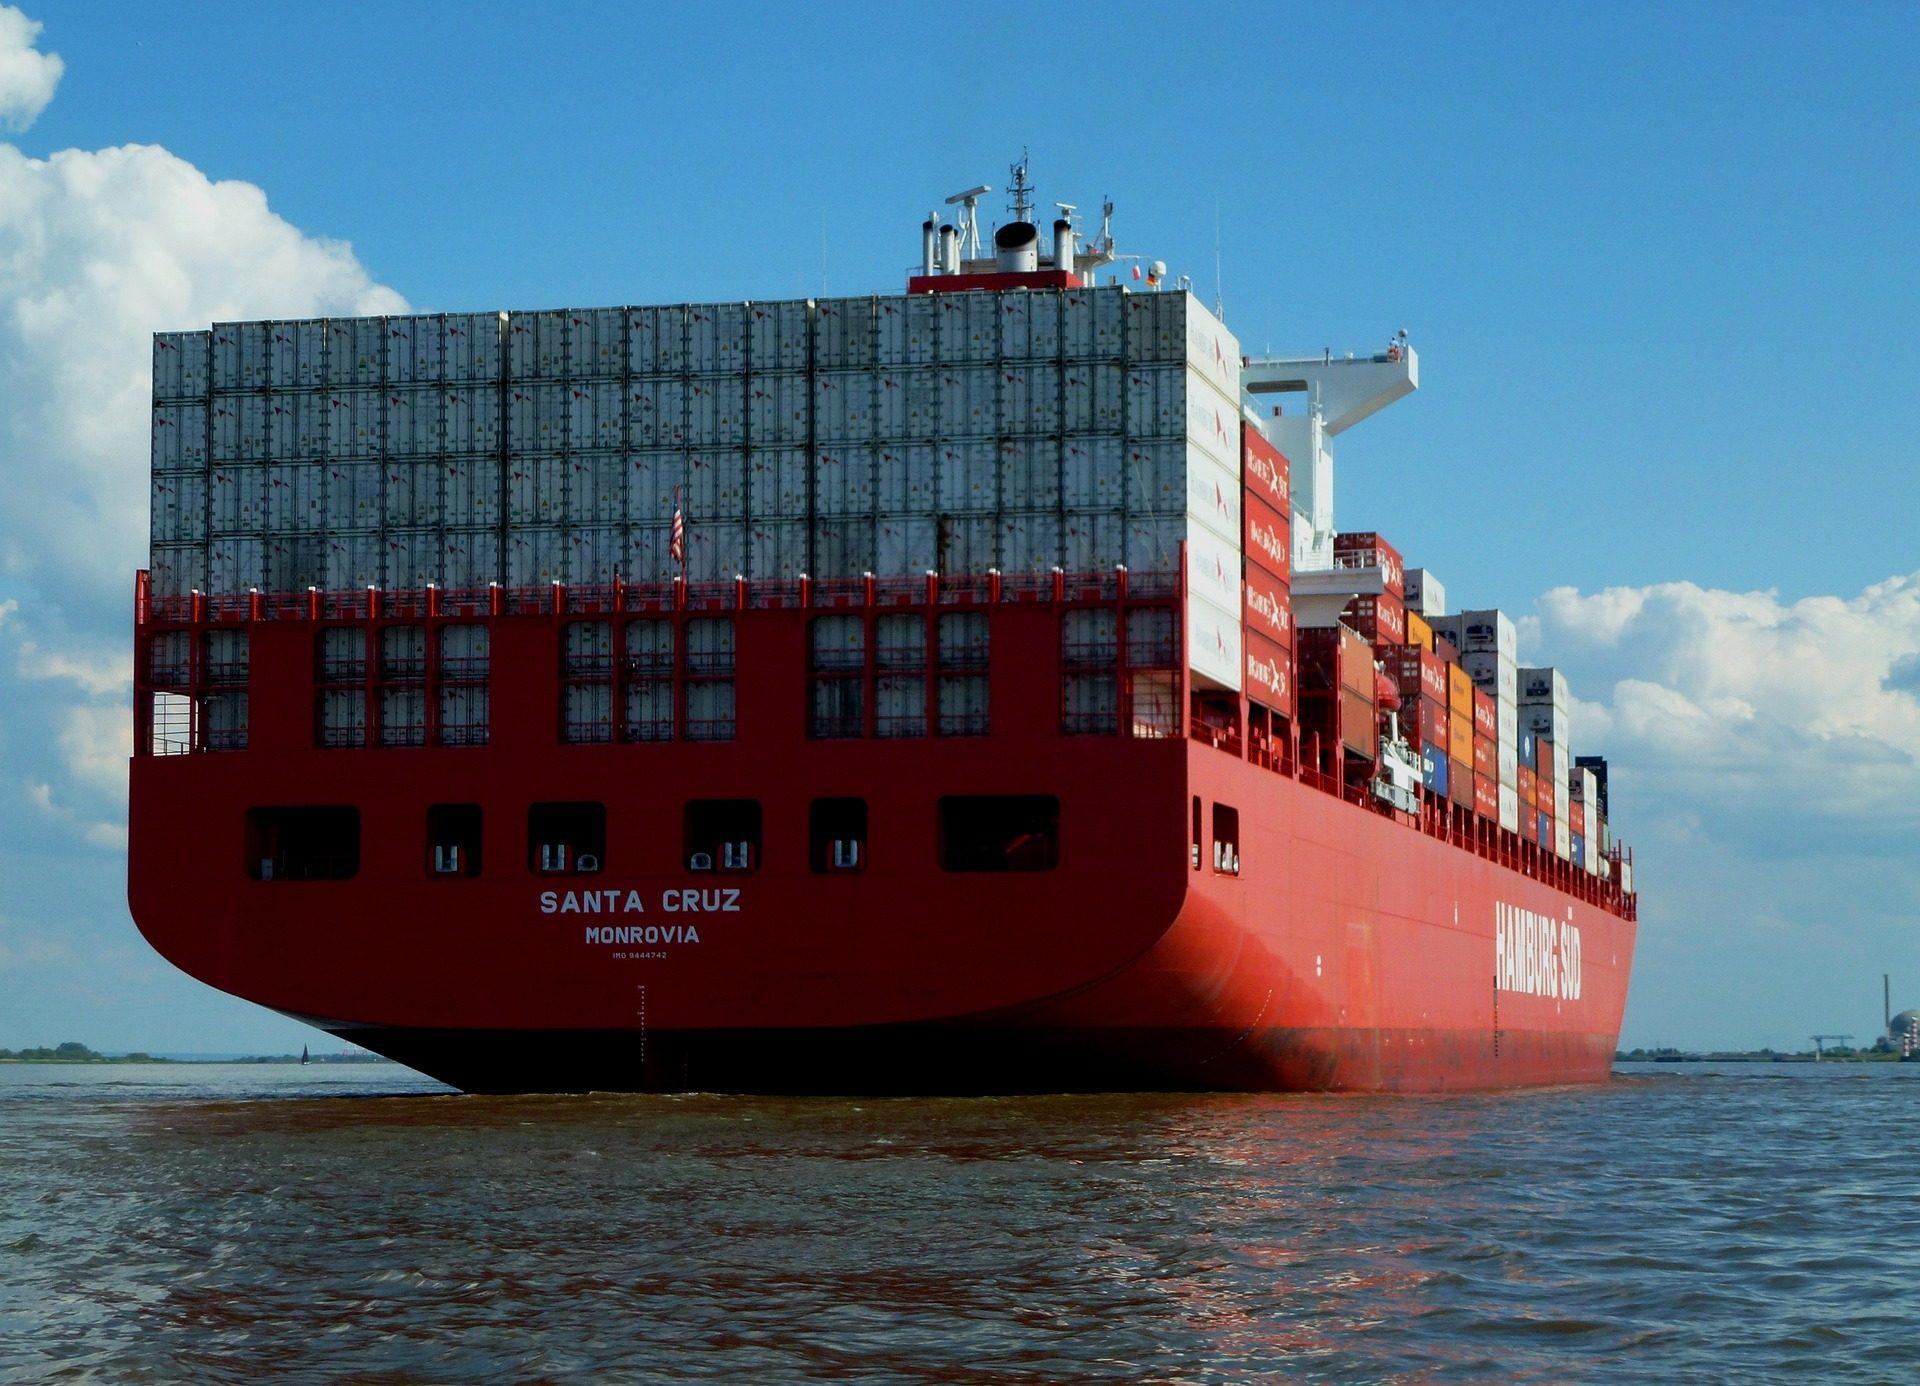 小船, 货船, 容器, 货物, 贸易 - 高清壁纸 - 教授-falken.com